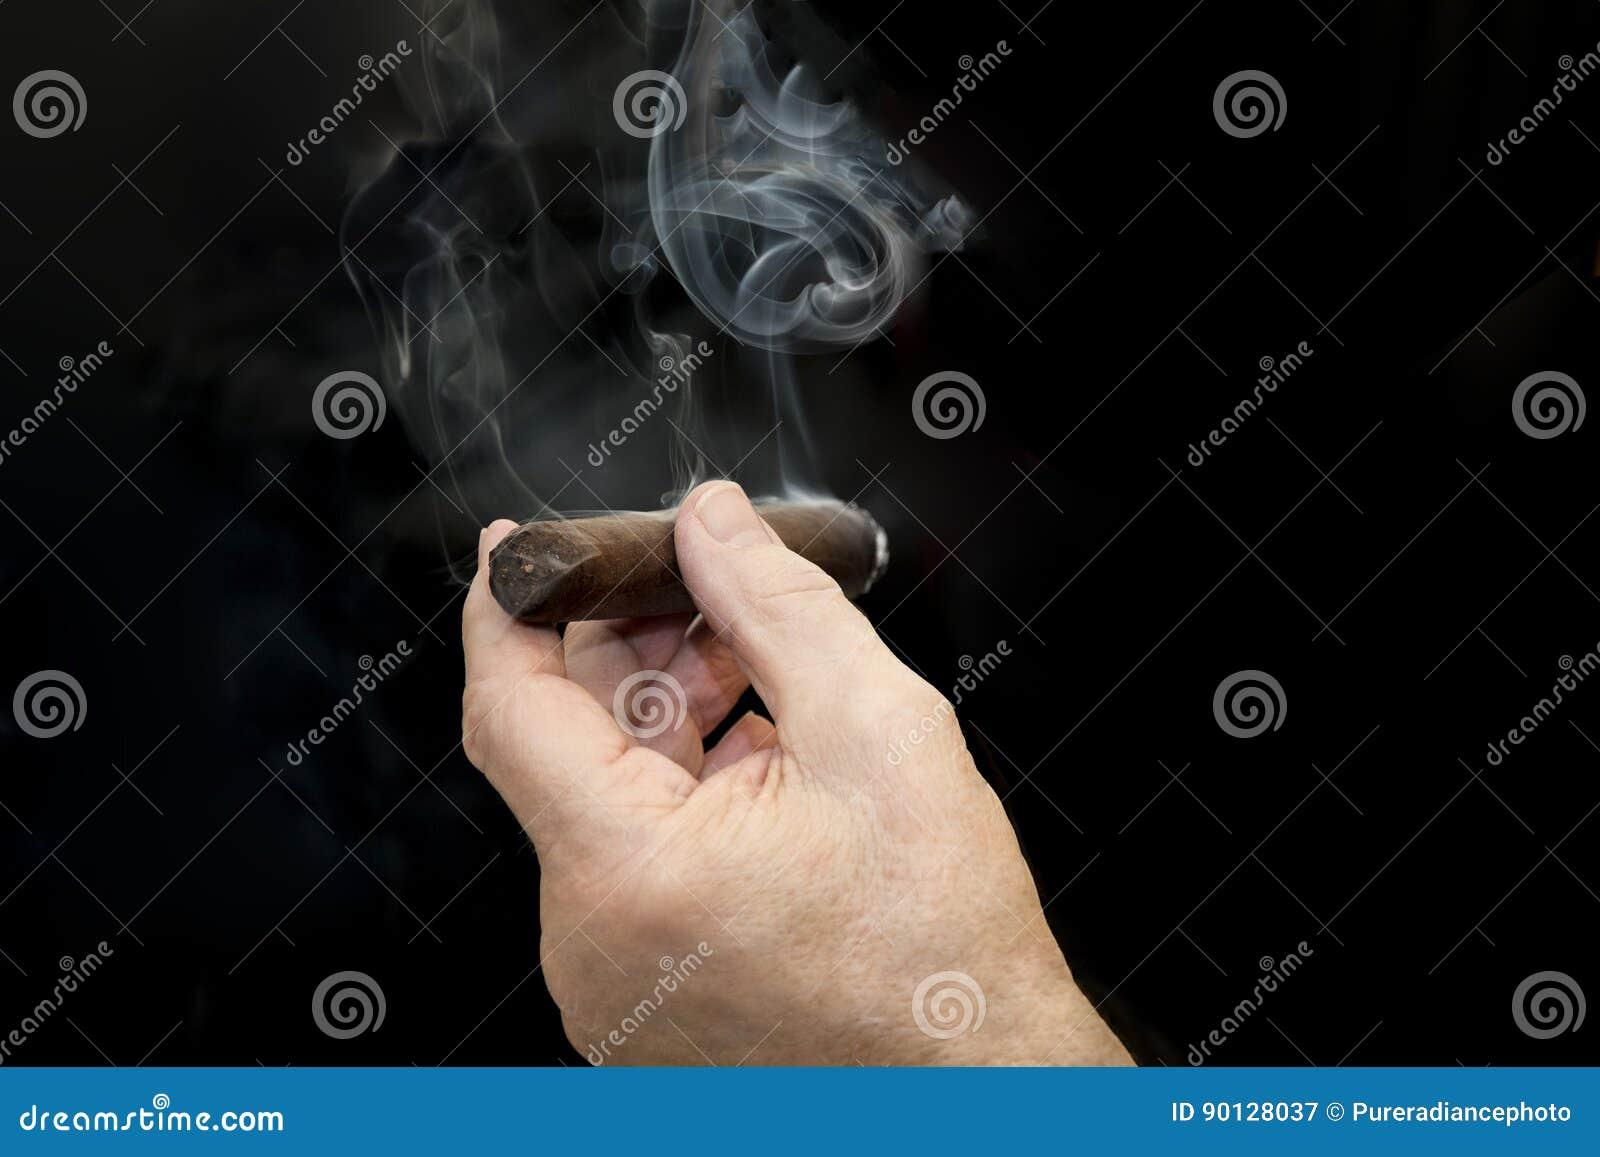 Cigarro y mano con humo